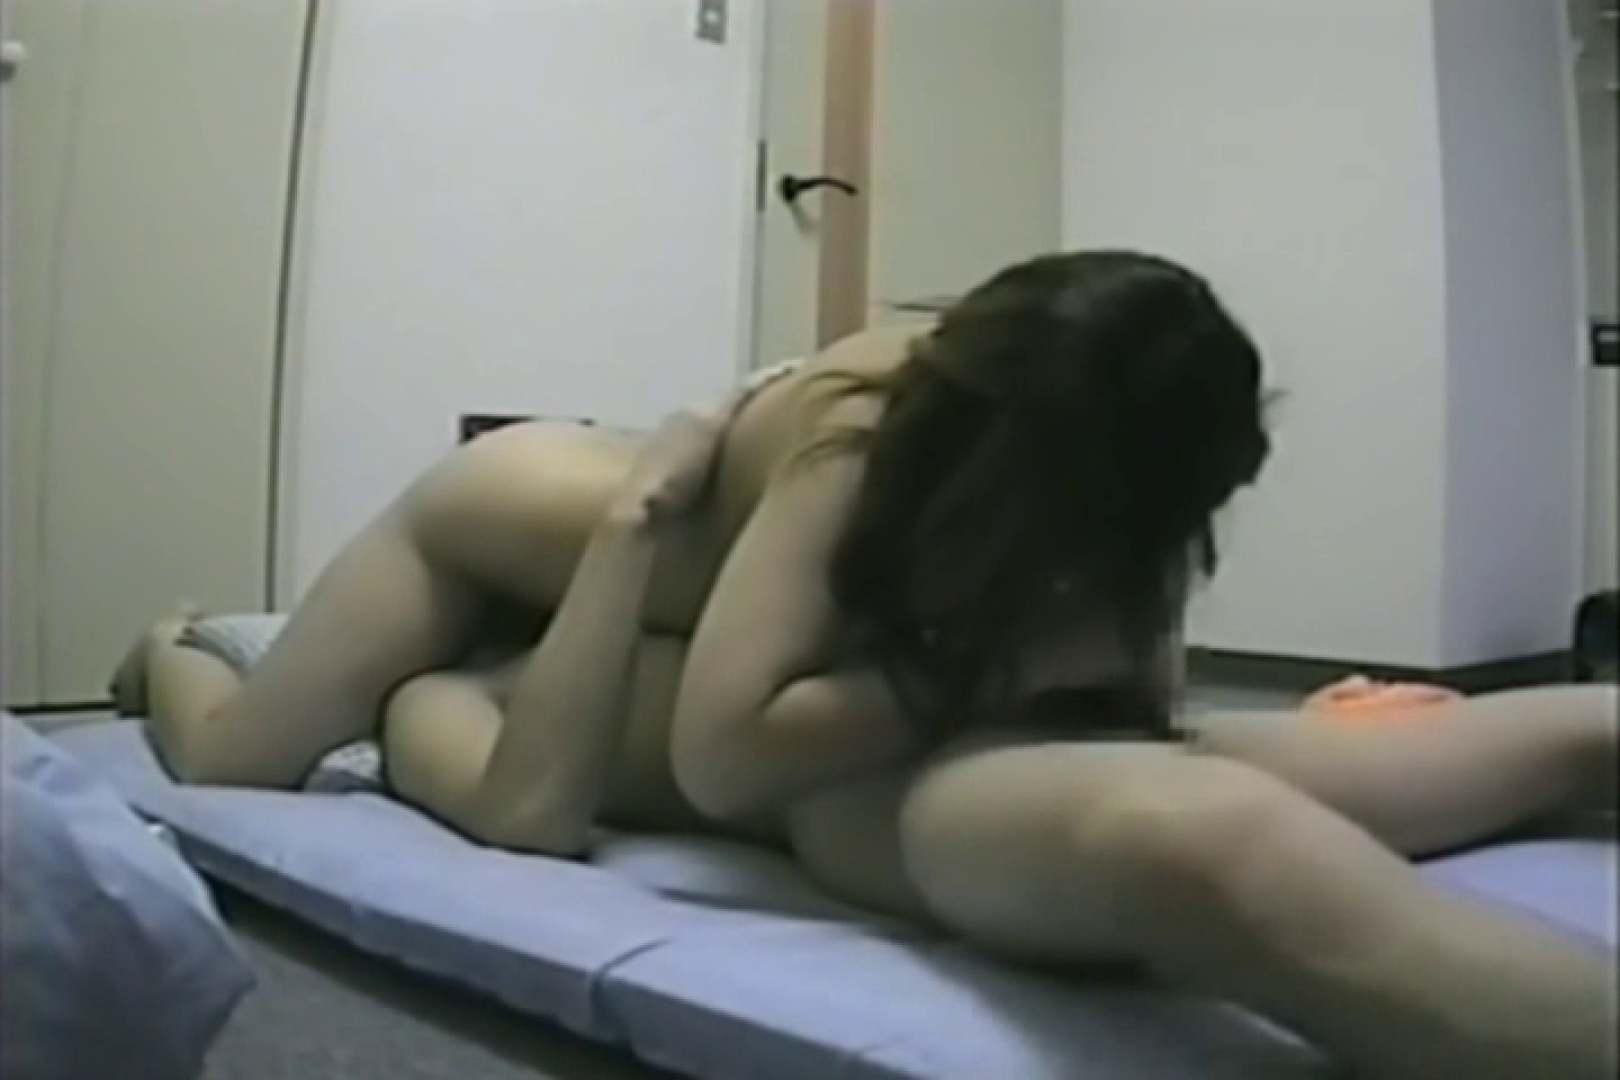 奮闘 デリヘル盗撮 1 盗撮エロすぎ   企画  48連発 26